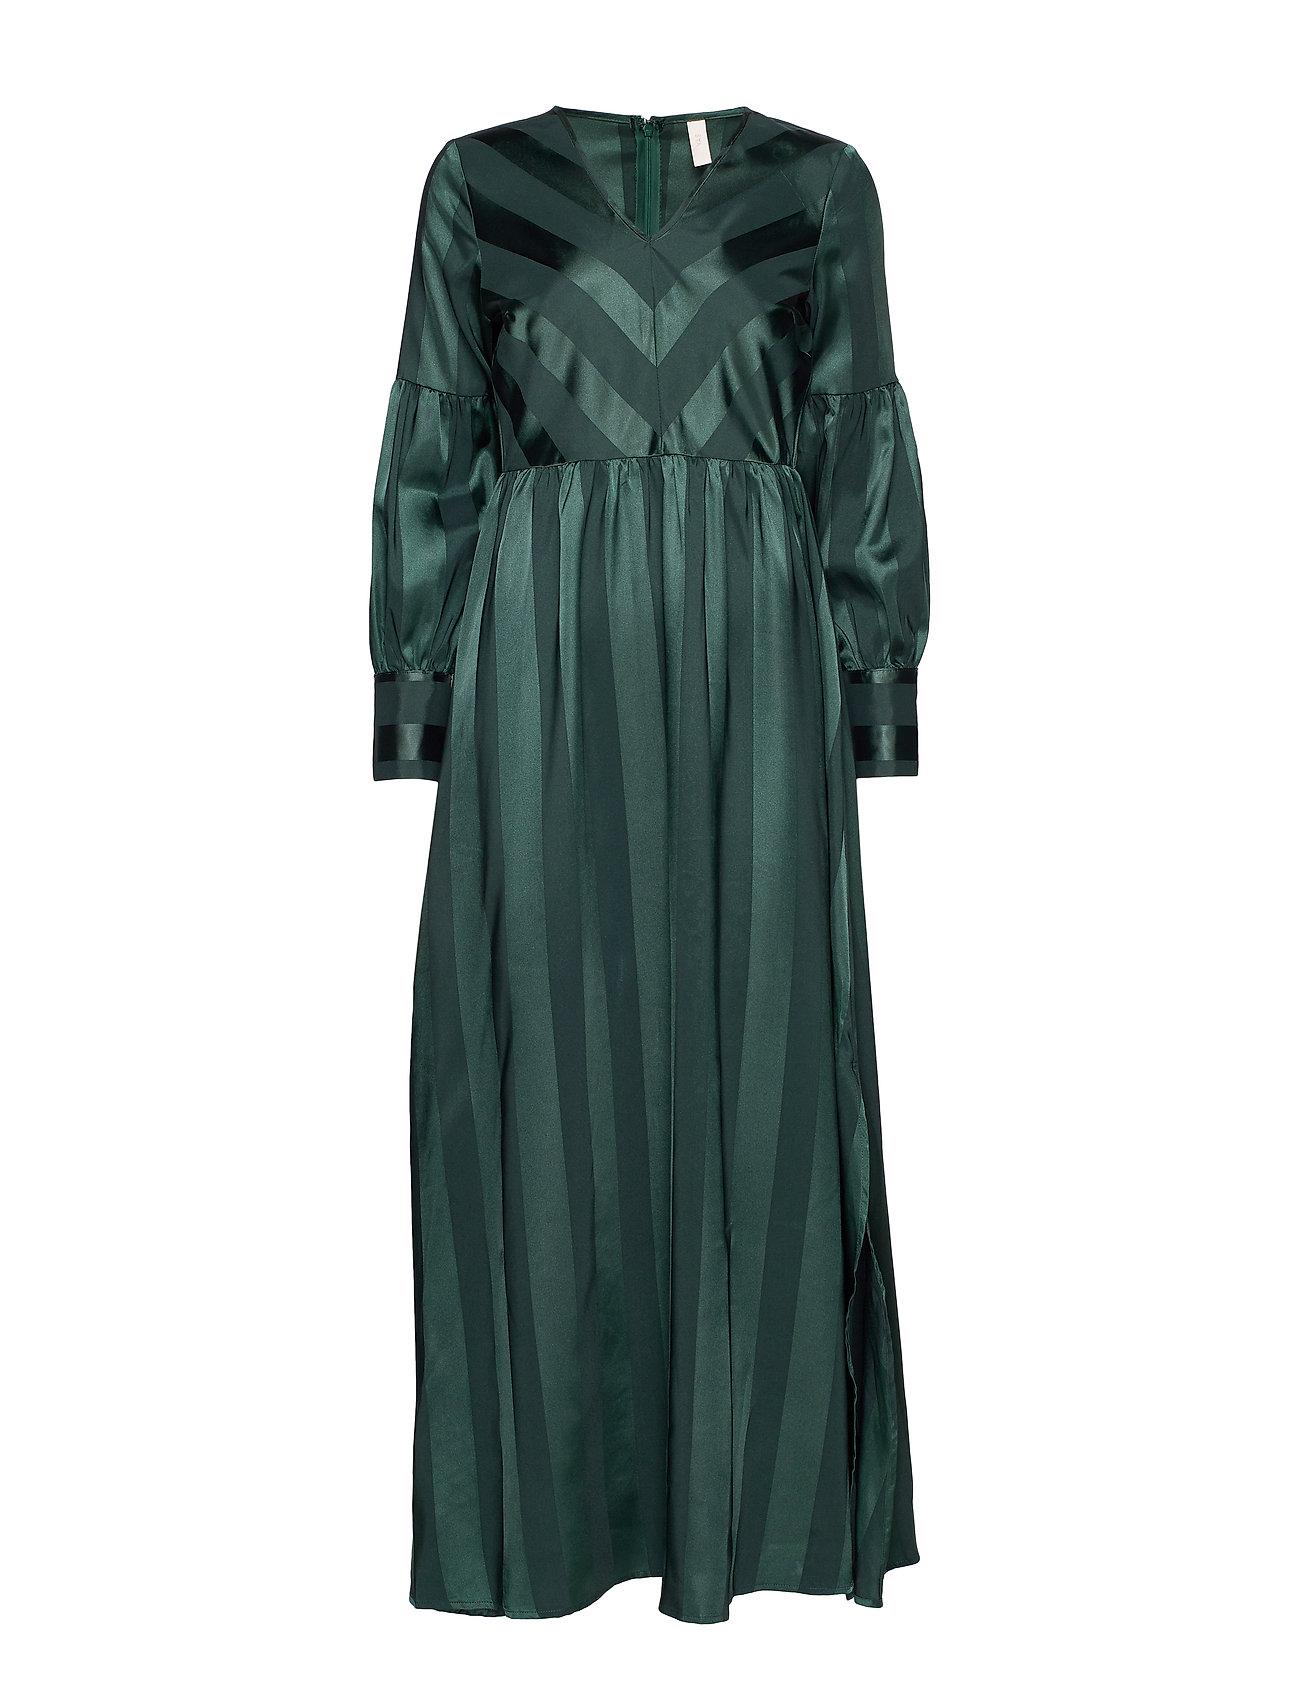 YAS YASAUDREY LS MAXI DRESS - SHOW - GREEN GABLES